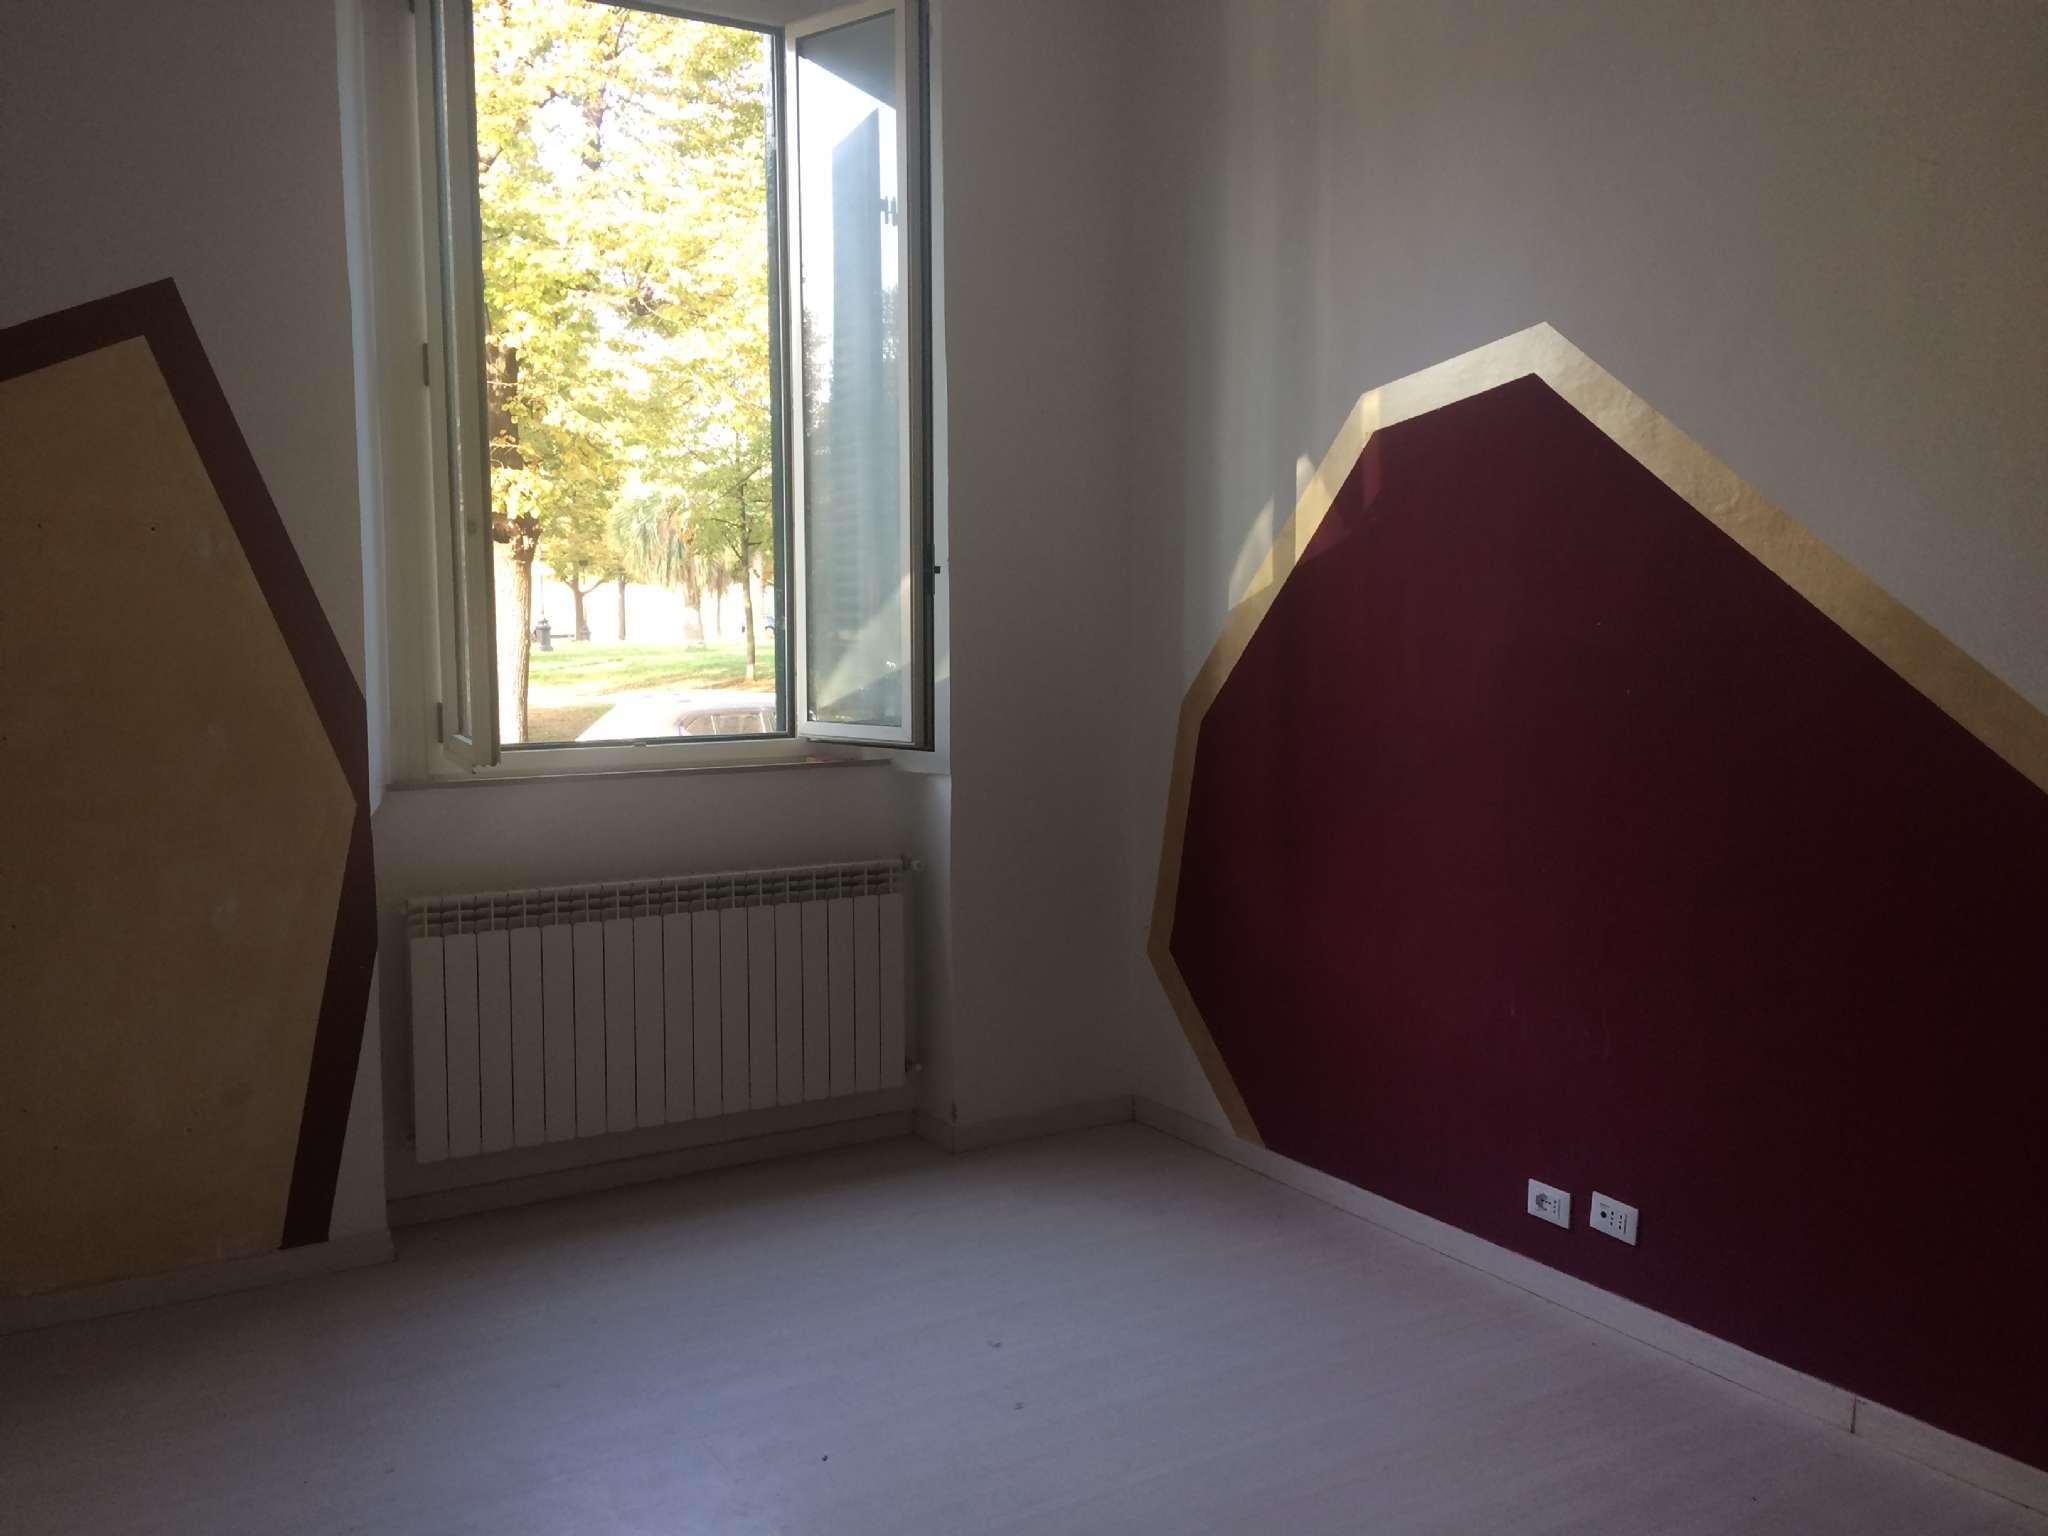 Appartamento in vendita a Livorno, 4 locali, prezzo € 143.000 | CambioCasa.it